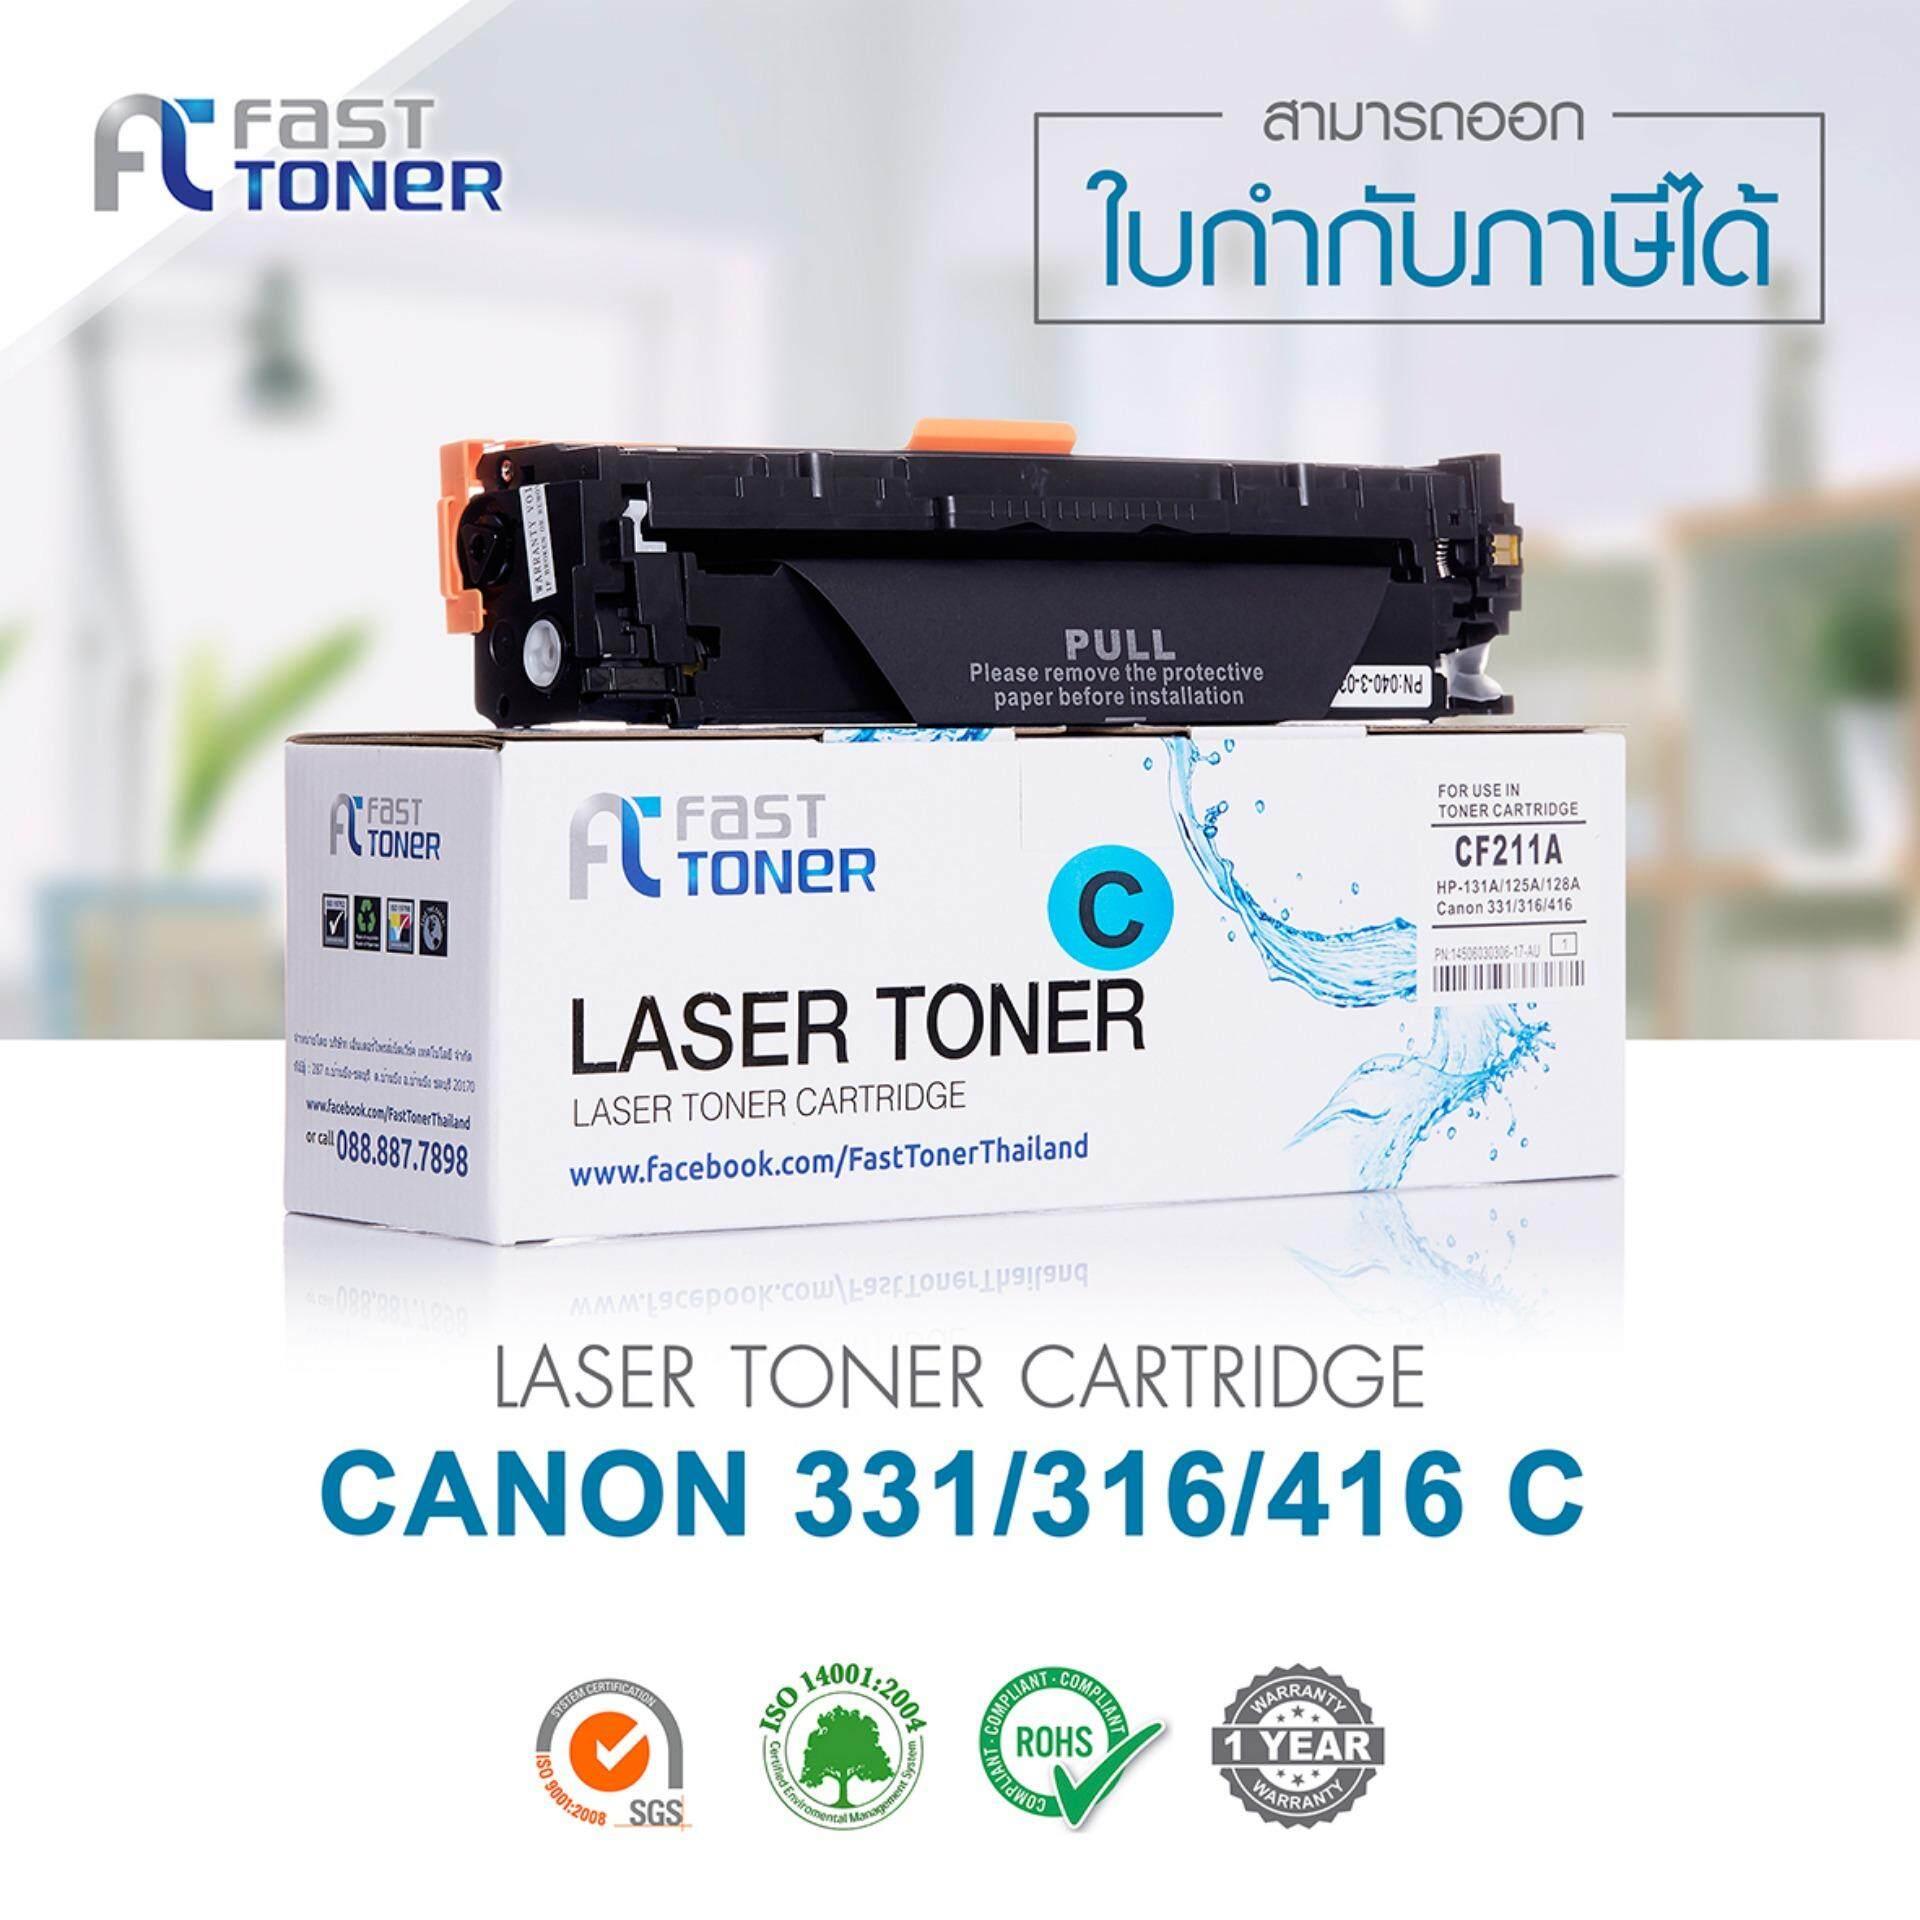 ส่วนลด Fast Toner ตลับหมึกพิมพ์เลเซอร์ Canon Cartridge 331 316 416 Cyan Fast Toner กรุงเทพมหานคร